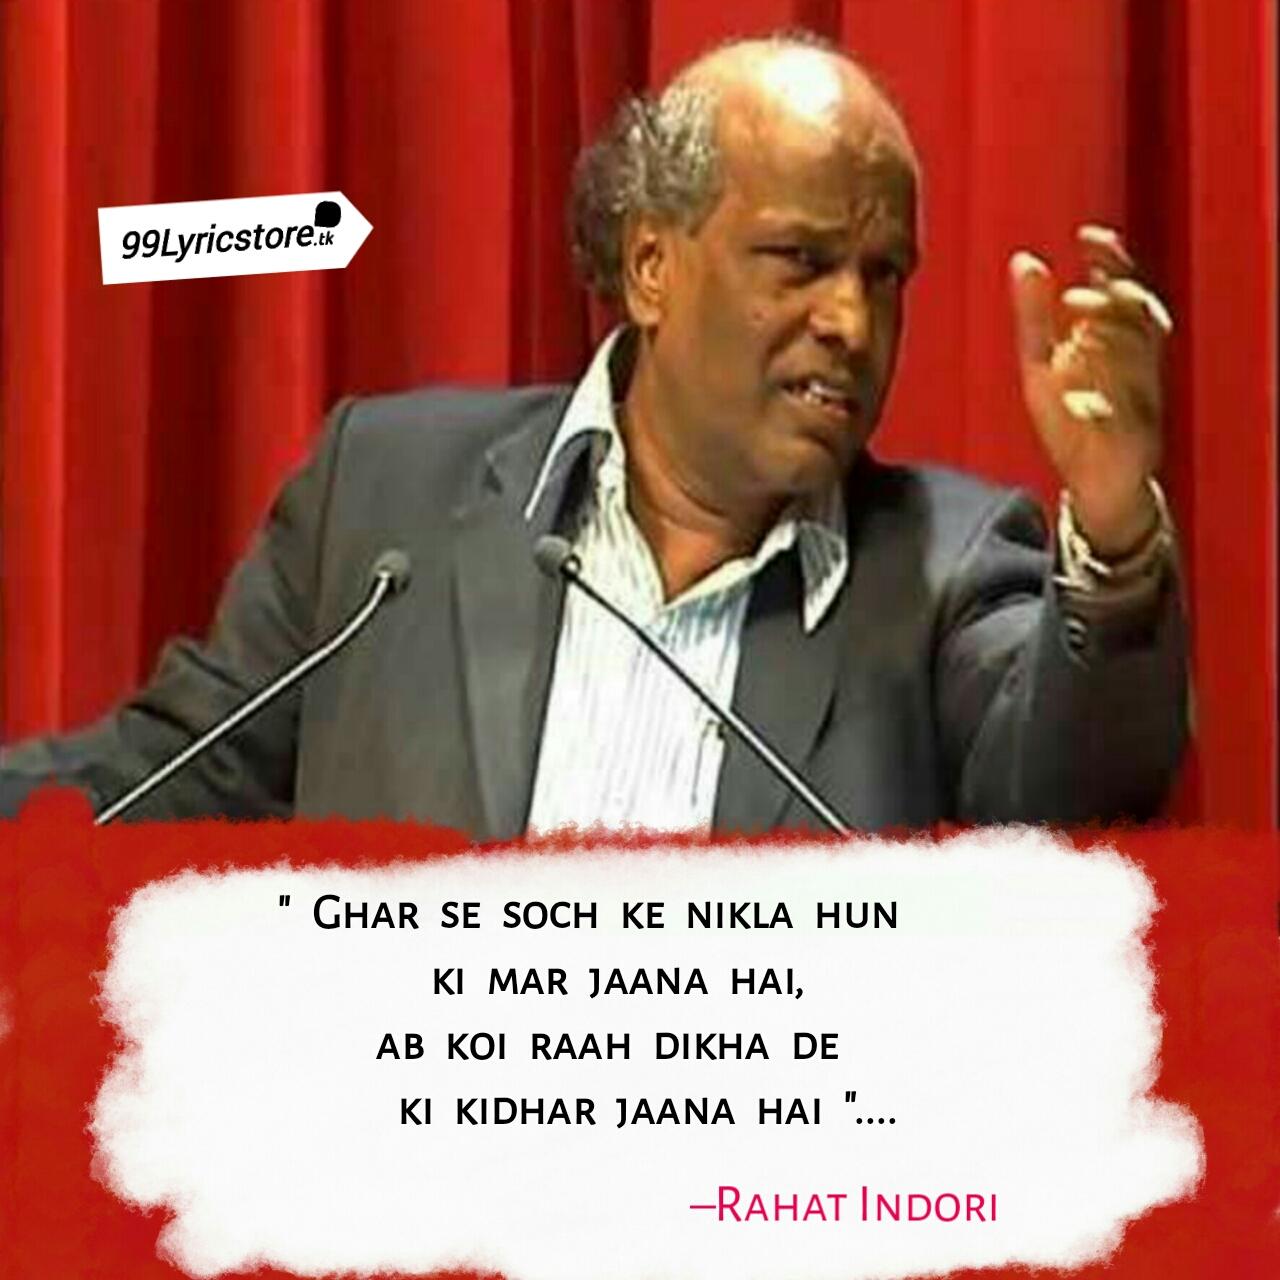 Ghar Se Soch Ke Nikla Hun Ki Mar Jaana Hai – Rahat Indori | Ghazal Poetry, Ghazals,Nasha Shayari,Rahat Indori,Rasta Shayari,Umeed Shayari,Zindagi Shayari, Rahat Indori. Rahat Indori All Quotes, Happy Quotes, Poem Quotes, True Quotes, Quotable Quotes. rahat indori ghazals, rahat indori kavita, rahat indori sad shayari, rahat indori latest shayari in hindi, Ghar se soch ke nikla hun ki mar jaana hai, ab koi raah dikha de ki kidhar jaana hai.